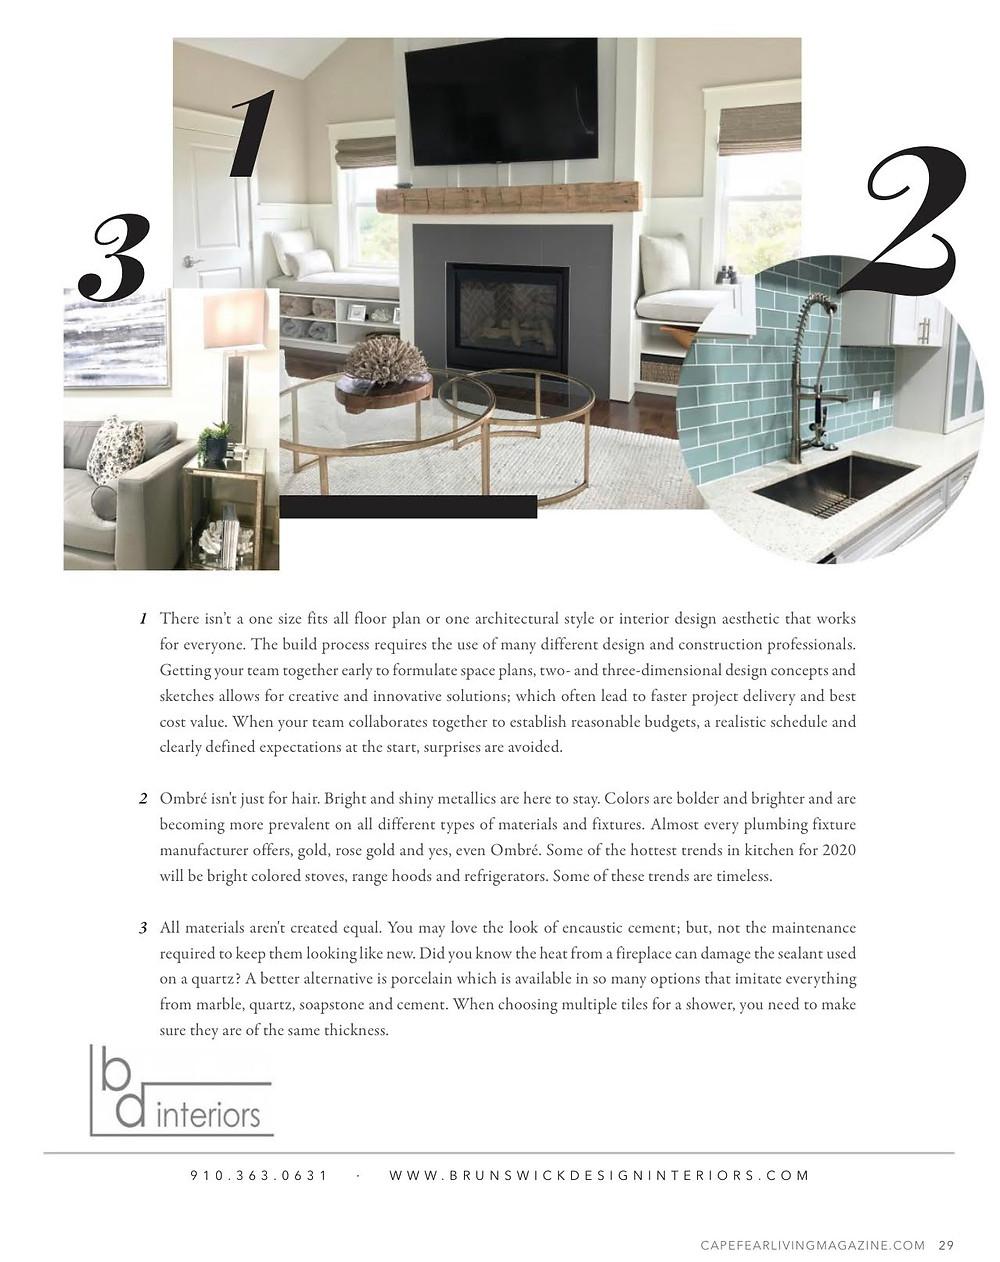 https://capefearlivingmagazine.com/design-tips/